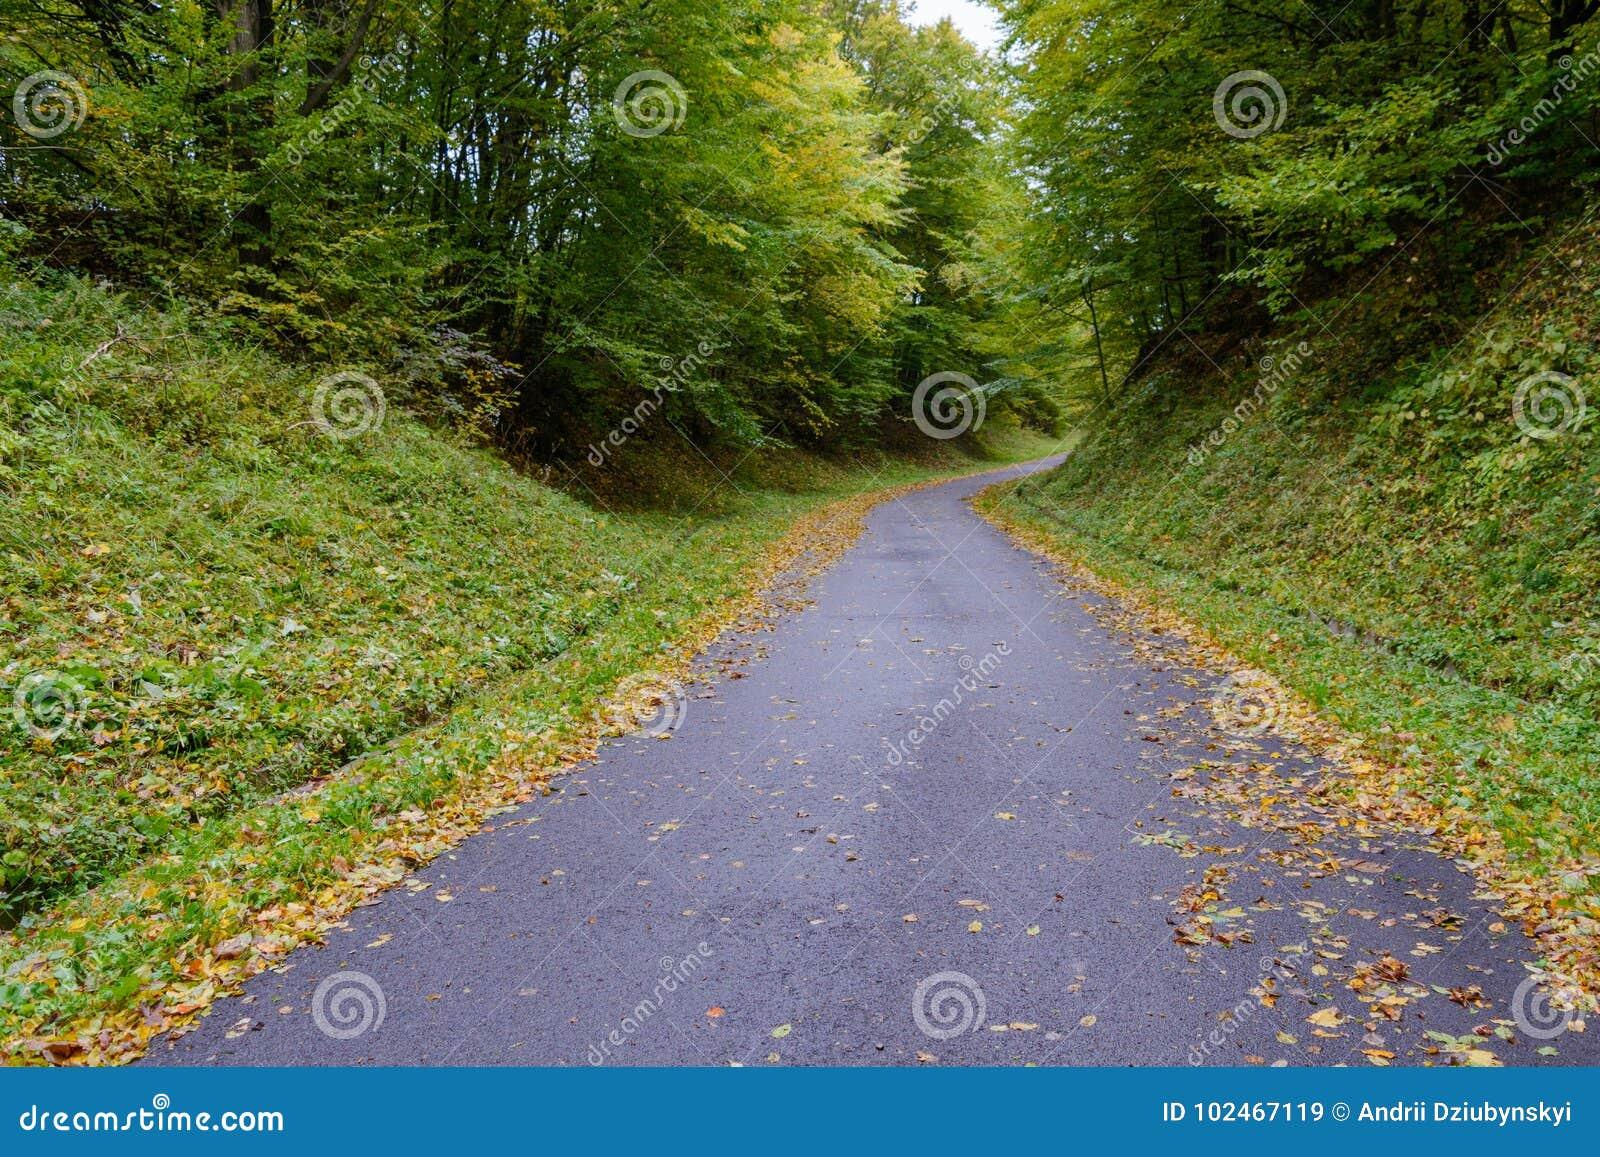 Die gepflasterte Straße geht unten zur Unterseite, von der die gelben Apfelblätter liegt